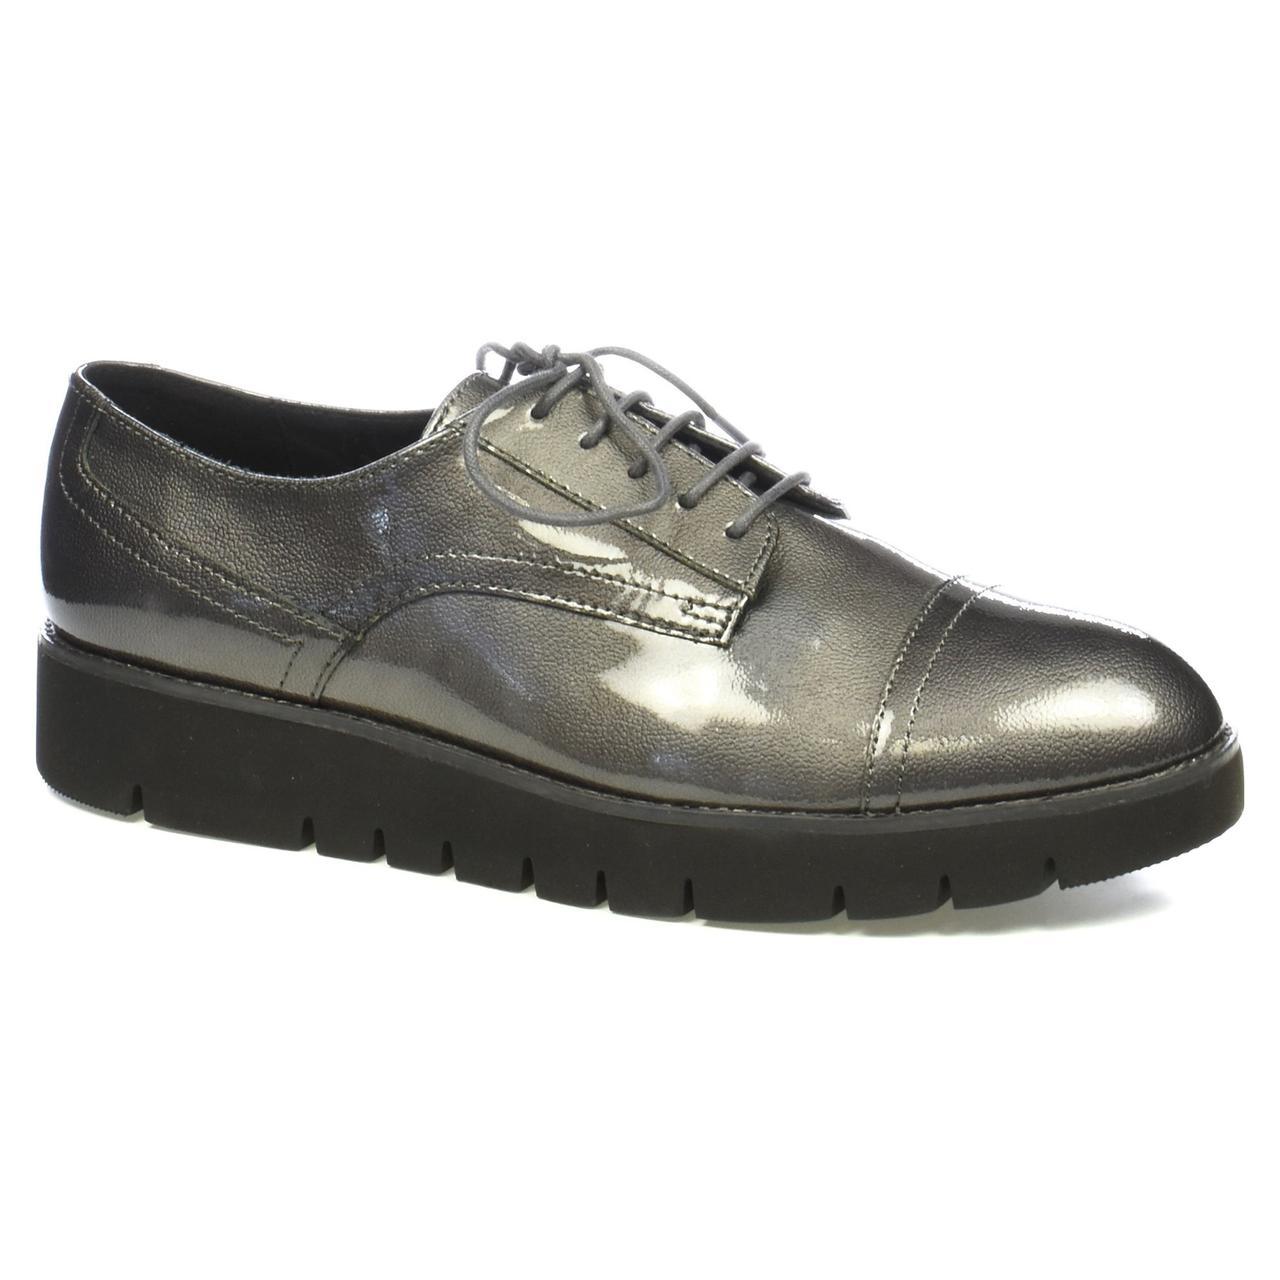 e807ab769989 Повседневные туфли Geox Blenda D640BD-000EV-C9002, код: 04657, размеры: 37,  39, 40